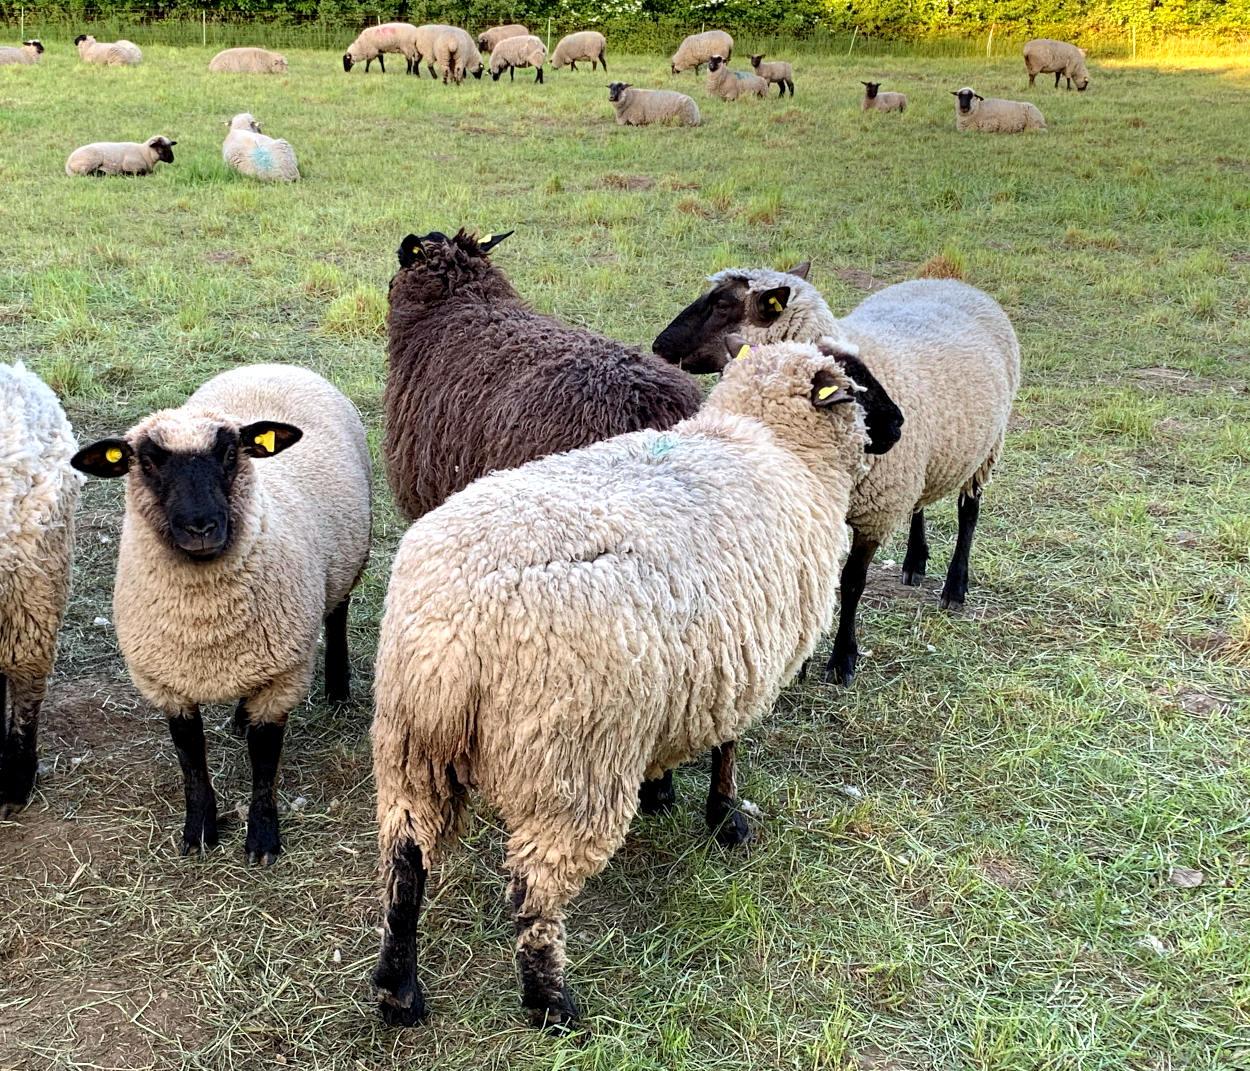 In Grüppchen stehende, wollige Schafe